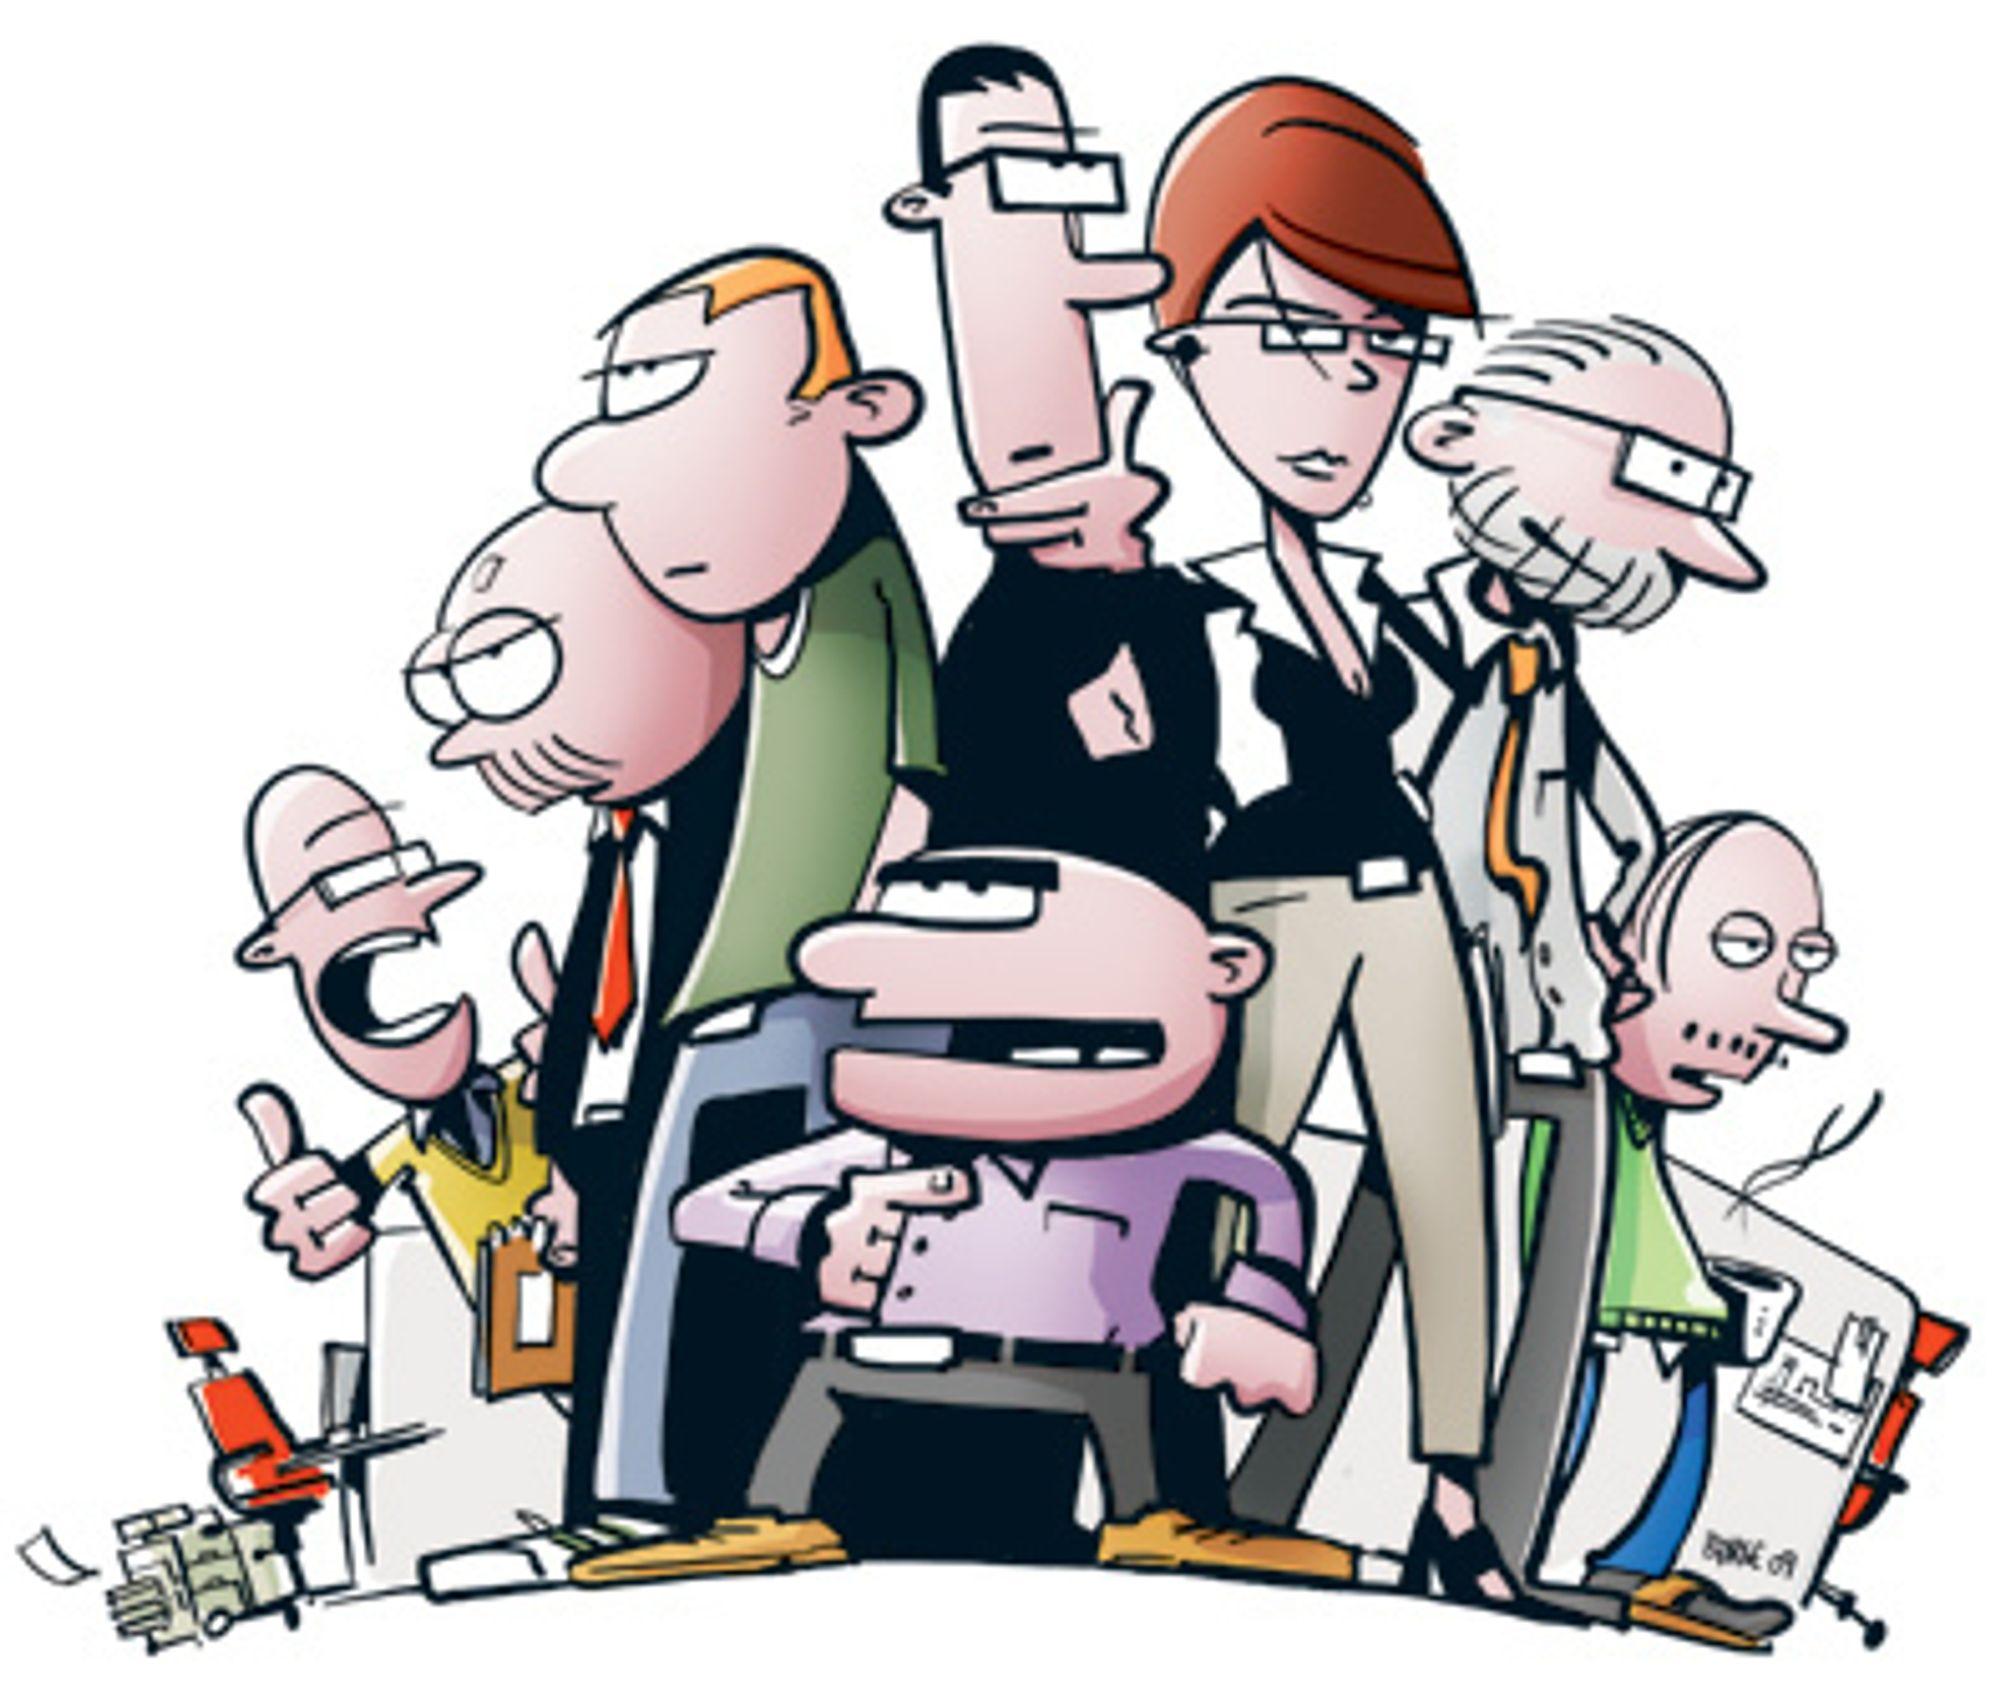 """Dette er karakterene i tegneserien """"Lunch"""". Fra venstre: Kalle, Bache, Kim, Nico, Linn, Thorsen, Gustav. Foran i midten: Kjell."""